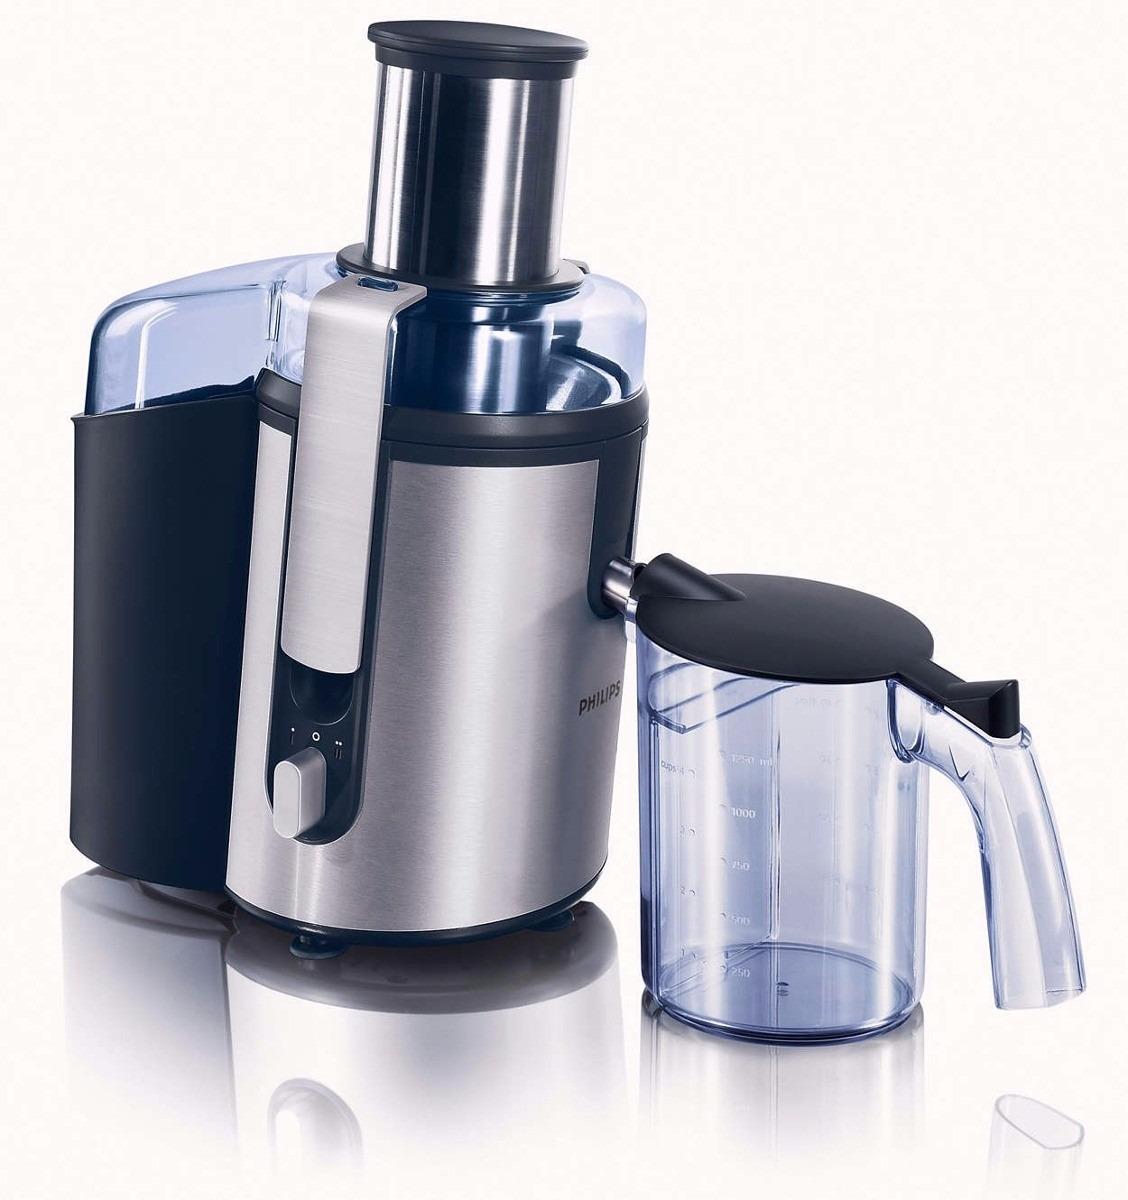 Slow Juicer Cadence Mercado Livre : Centrifuga Juicer Philips Walita Inox 650w - 110v / Original - R$ 199,99 em Mercado Livre